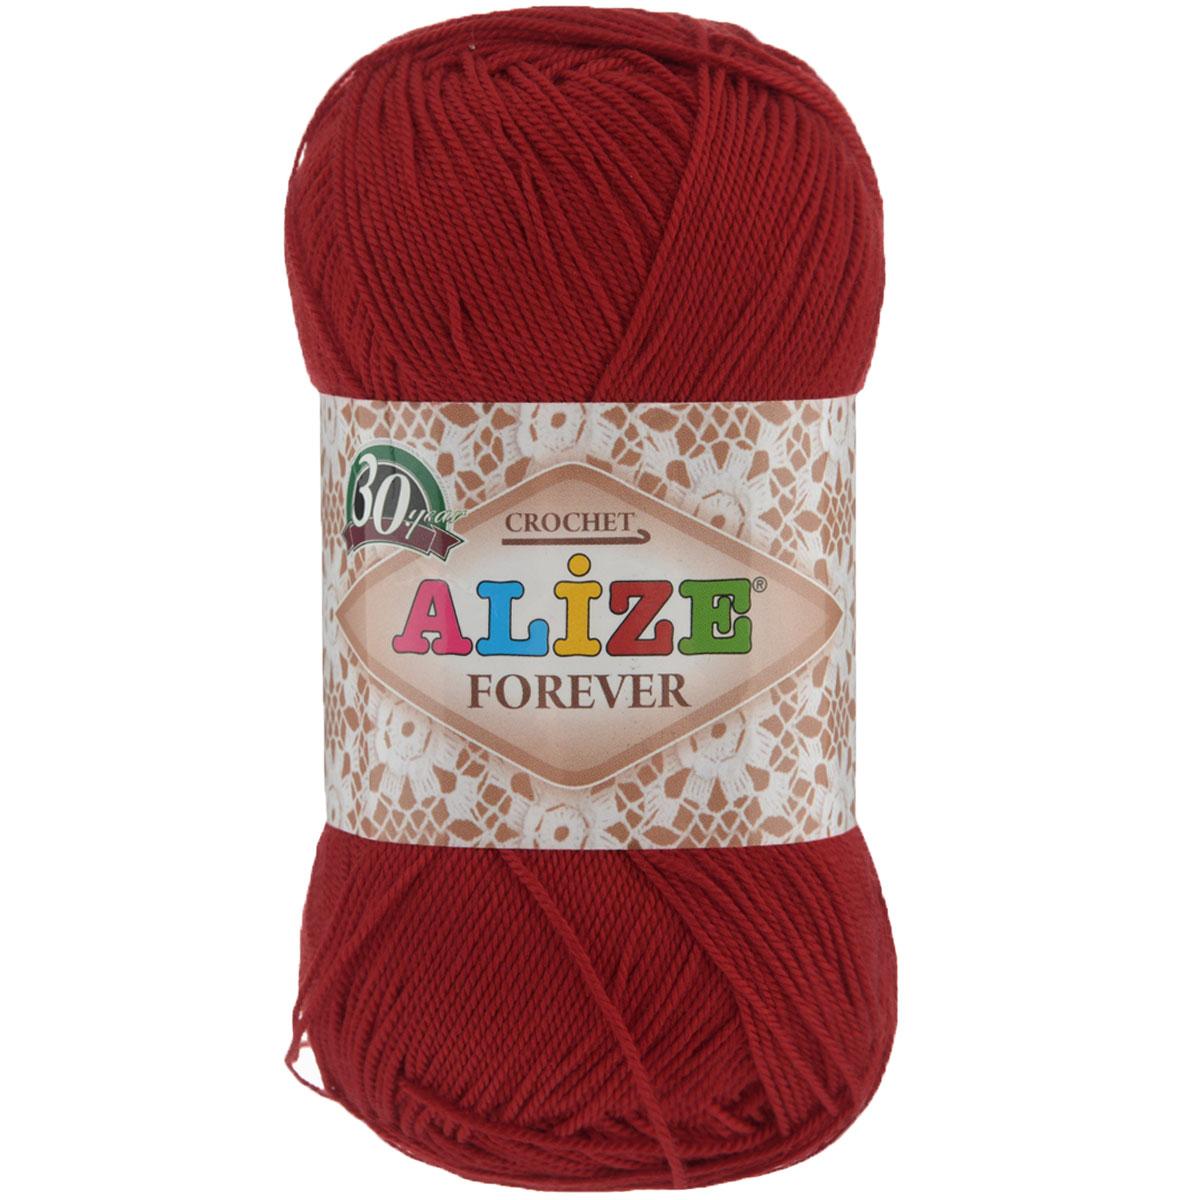 Пряжа для вязания Alize Forever, цвет: красный (106), 300 м, 50 г, 5 шт367022_106Alize Forever - это тщательно обработанная акриловая пряжа, которая приобретает вид мерсеризованной нити. Классическая пряжа, прочная, мягкая и шелковистая. Большое разнообразие цветов и оттенков от спокойных до ярких позволять подобрать пряжу для вязания на любой вкус. Предназначена для вязания летних и весенних вещей и прекрасно подойдет как для спиц, так и для крючка. Изделия получаются очень красивыми и нарядными внешне и при этом комфортными в носке. Рекомендованные спицы № 2-3,5, крючок № 0,75-1,5. Состав: 100% акрил.